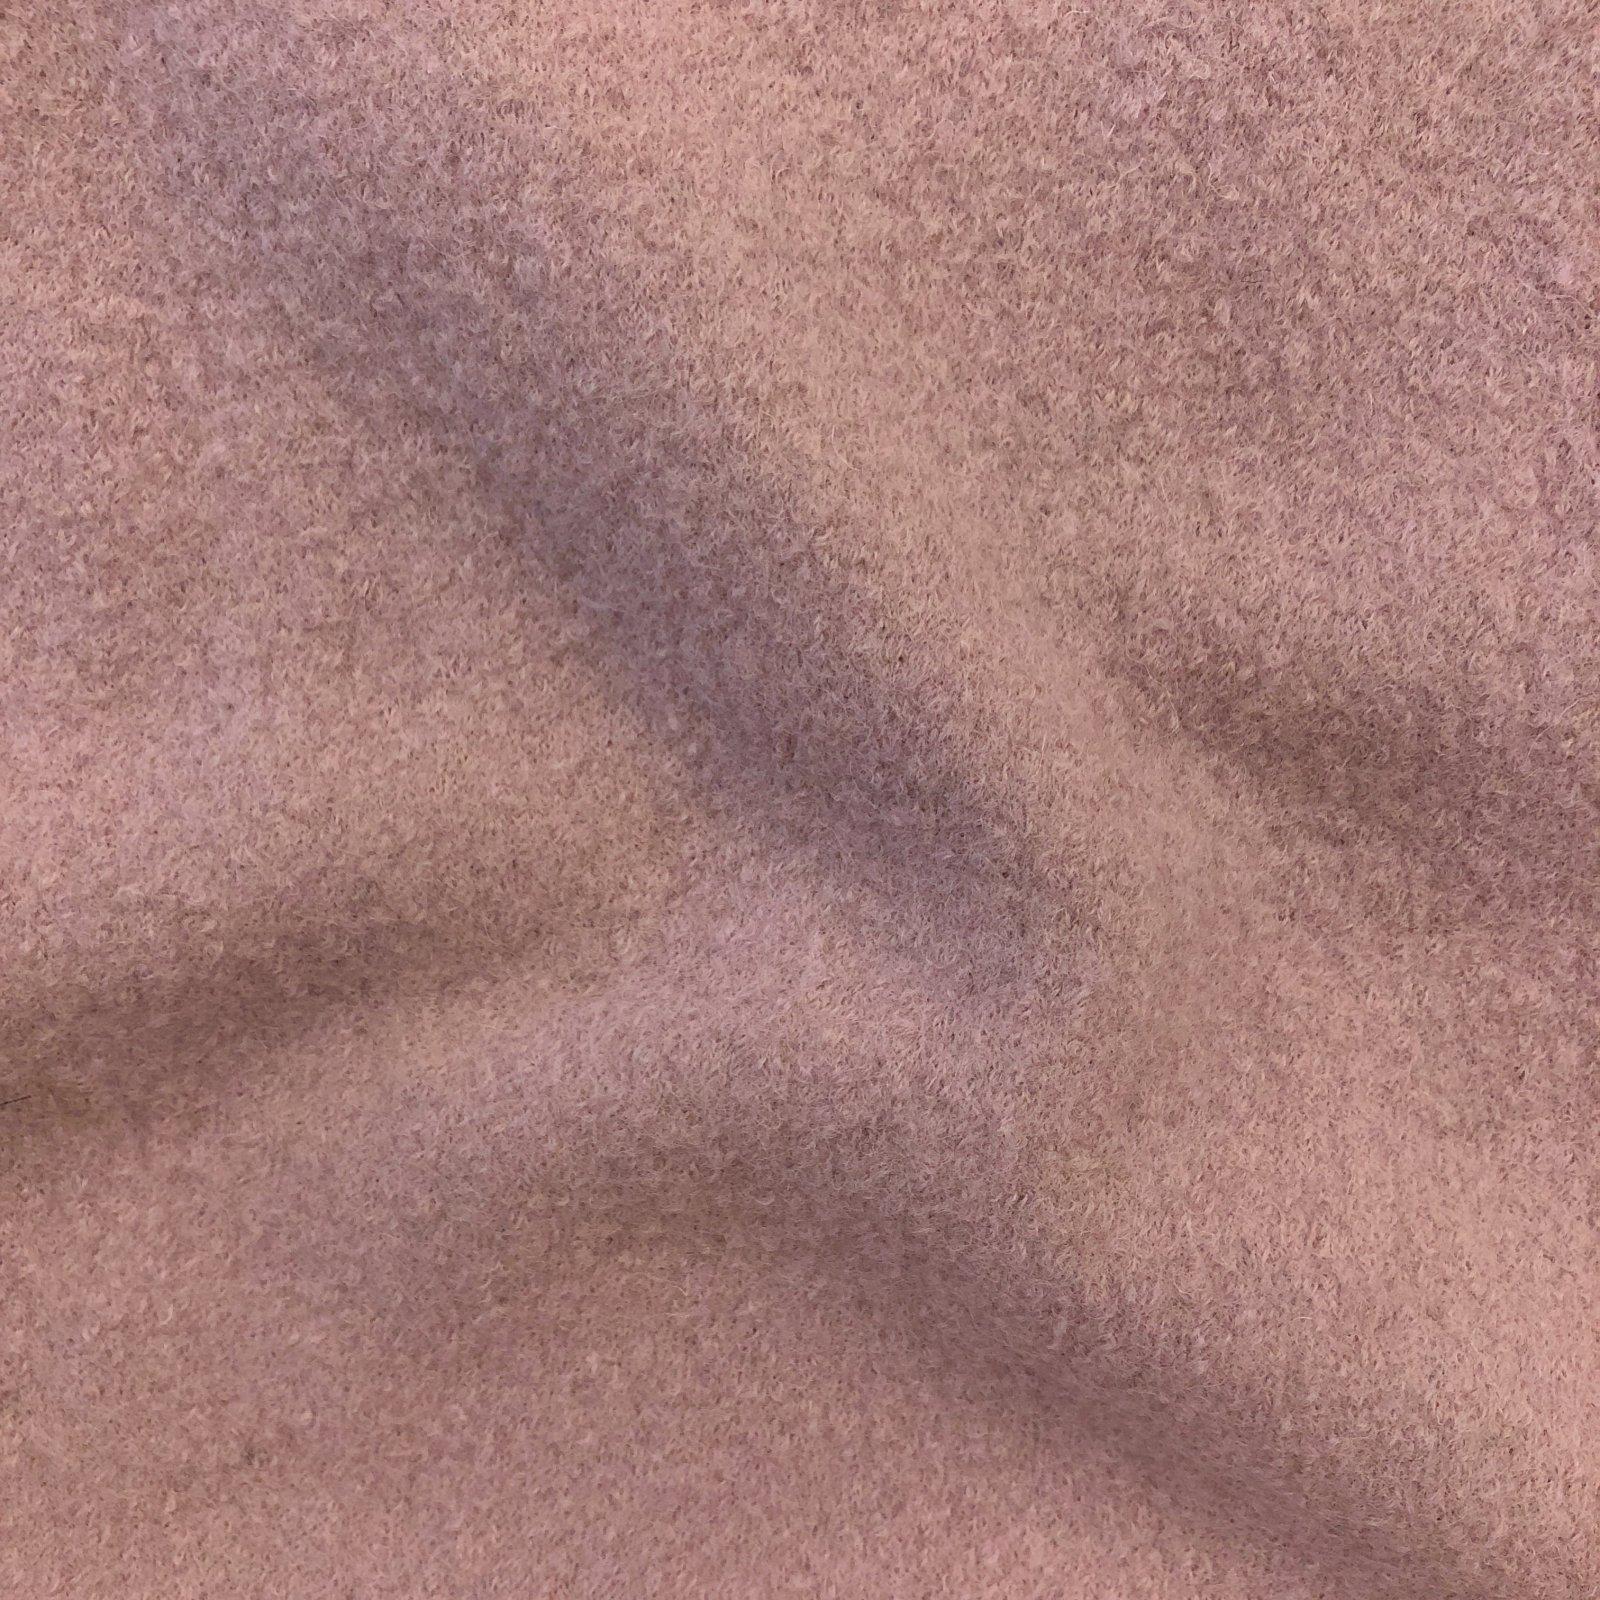 Boiled Wool - Blush Pink